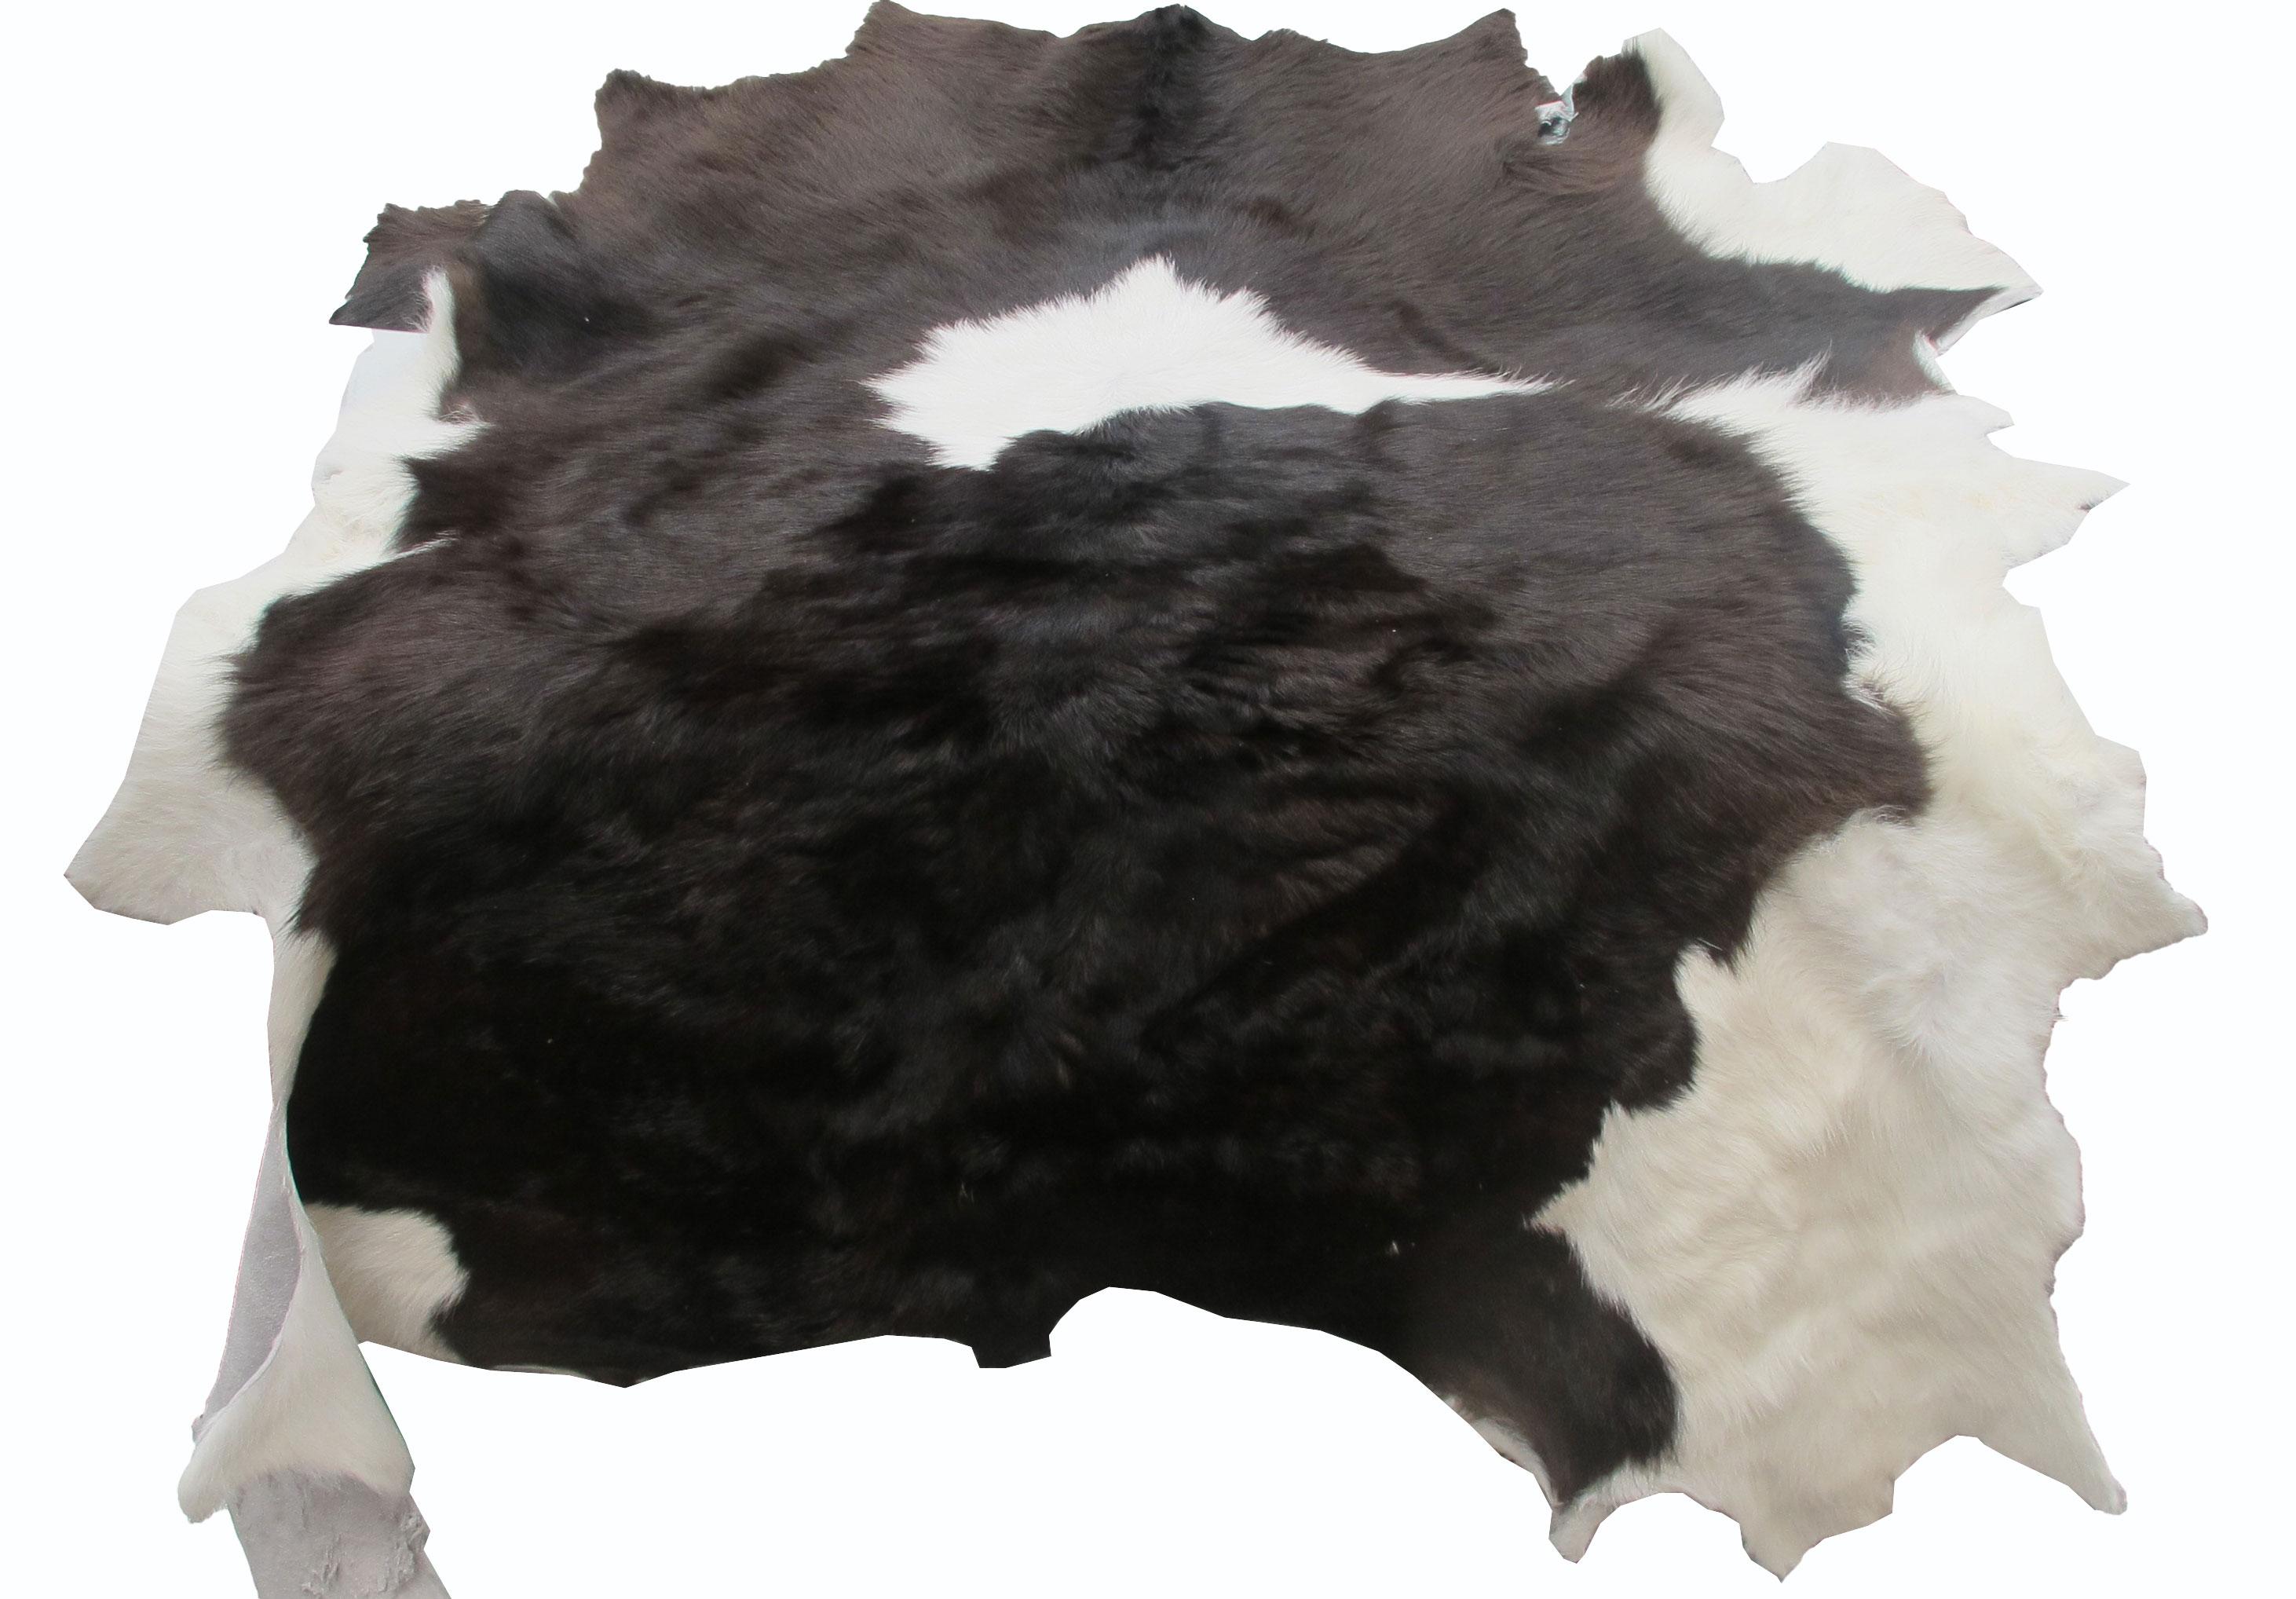 หนังแท้ หนังขนลูกวัว ใช้สำหรับตกแต่งฝาผนังบ้าน หรือ ใช้เป็นผ้าปูโต๊ะแล้วเอากระจกทับ หรือ ผ้าคลุ่มเก้าอี้นั่ง สำเนา สำเนา สำเนา สำเนา สำเนา สำเนา สำเนา